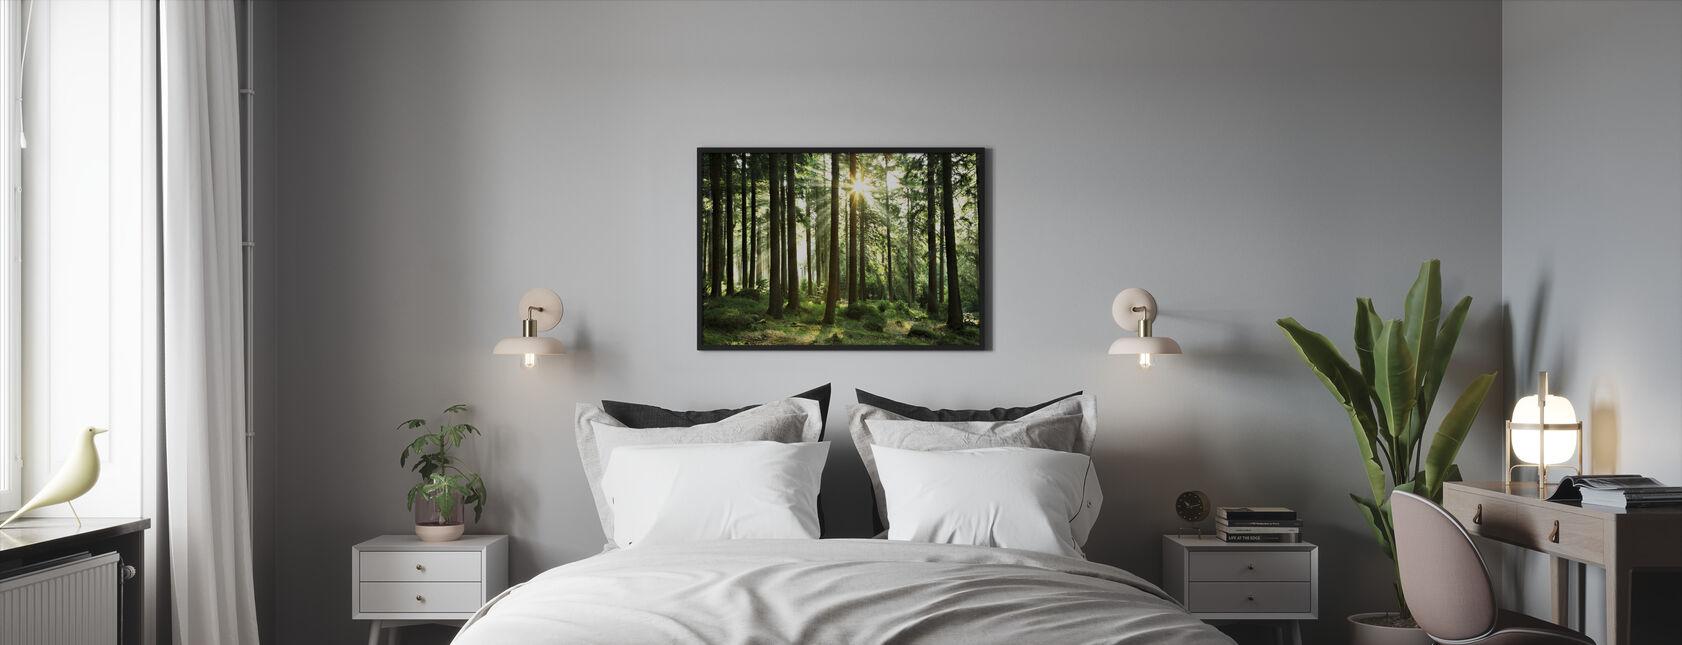 Solstråle gjennom Trær - Innrammet bilde - Soverom